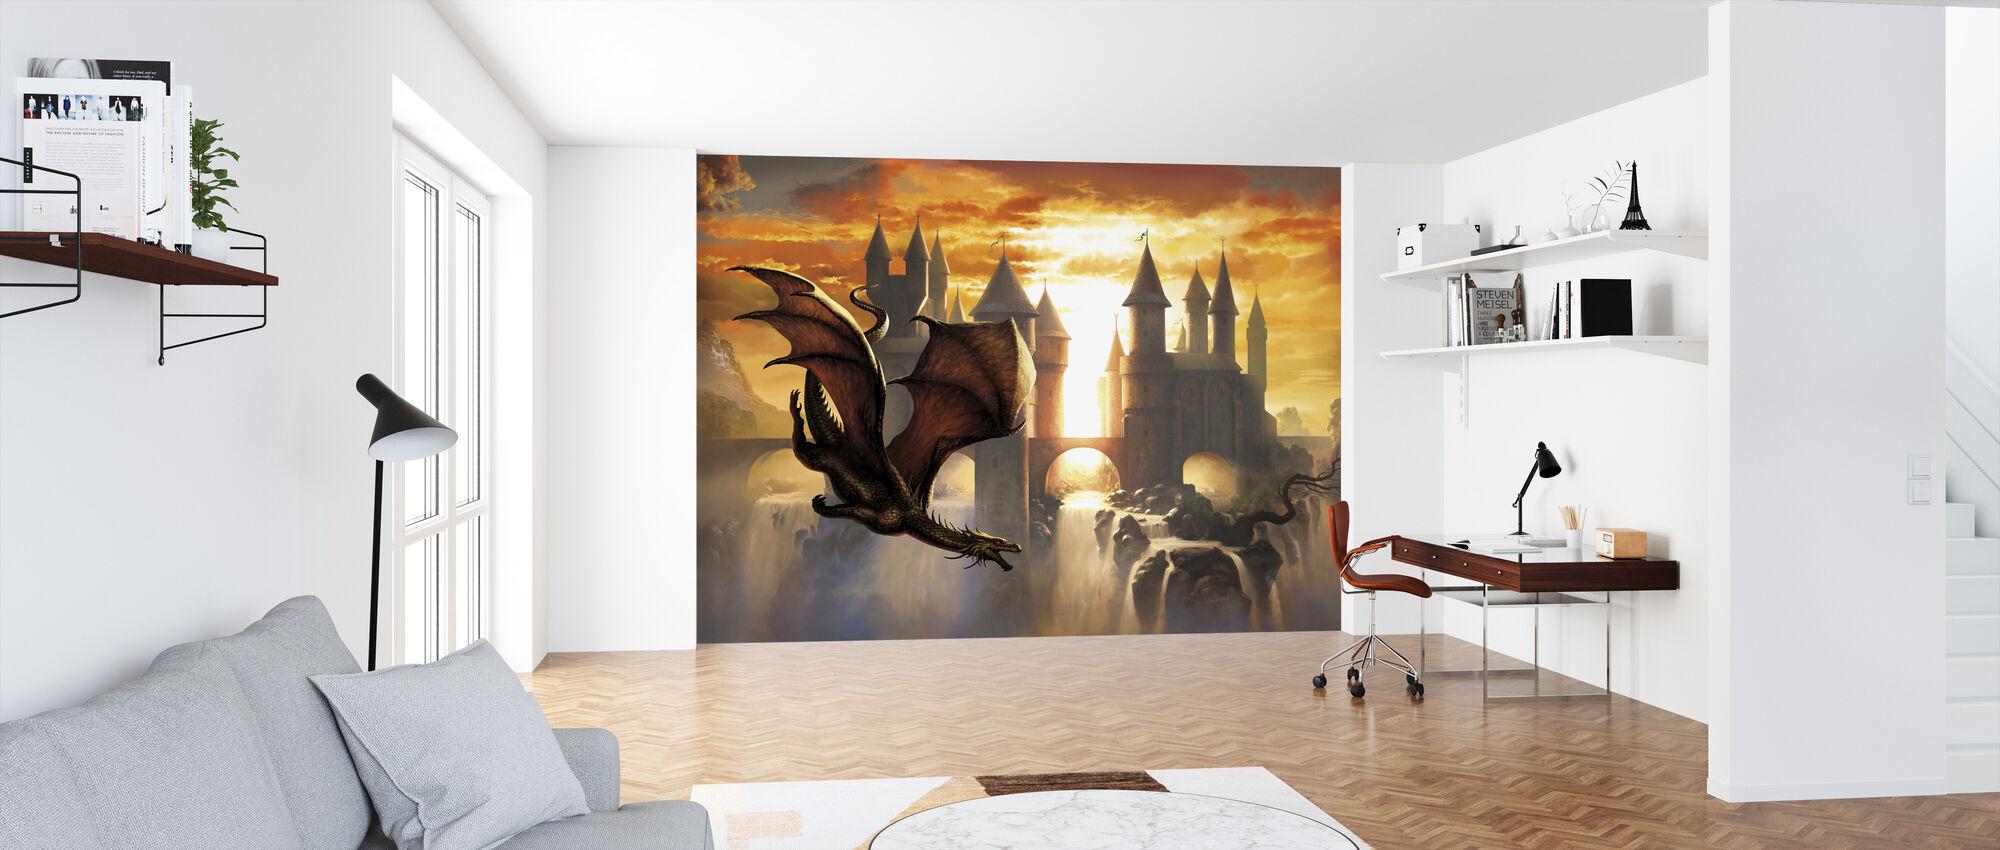 Sunset Dragon - Tapet - Kontor